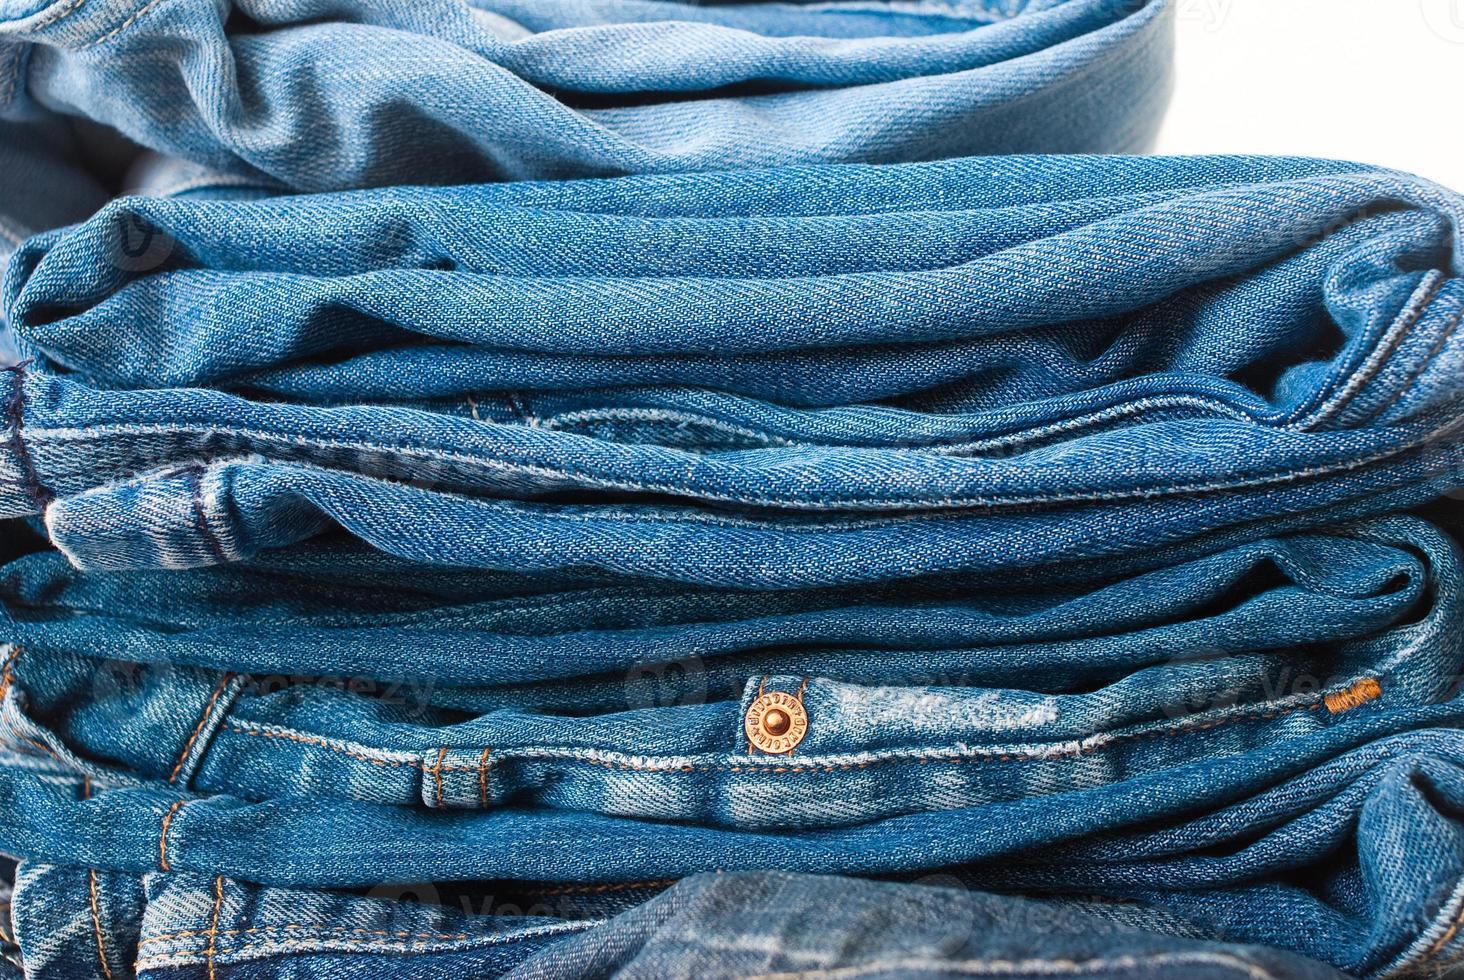 jeans empilés sur fond blanc - studio shot photo